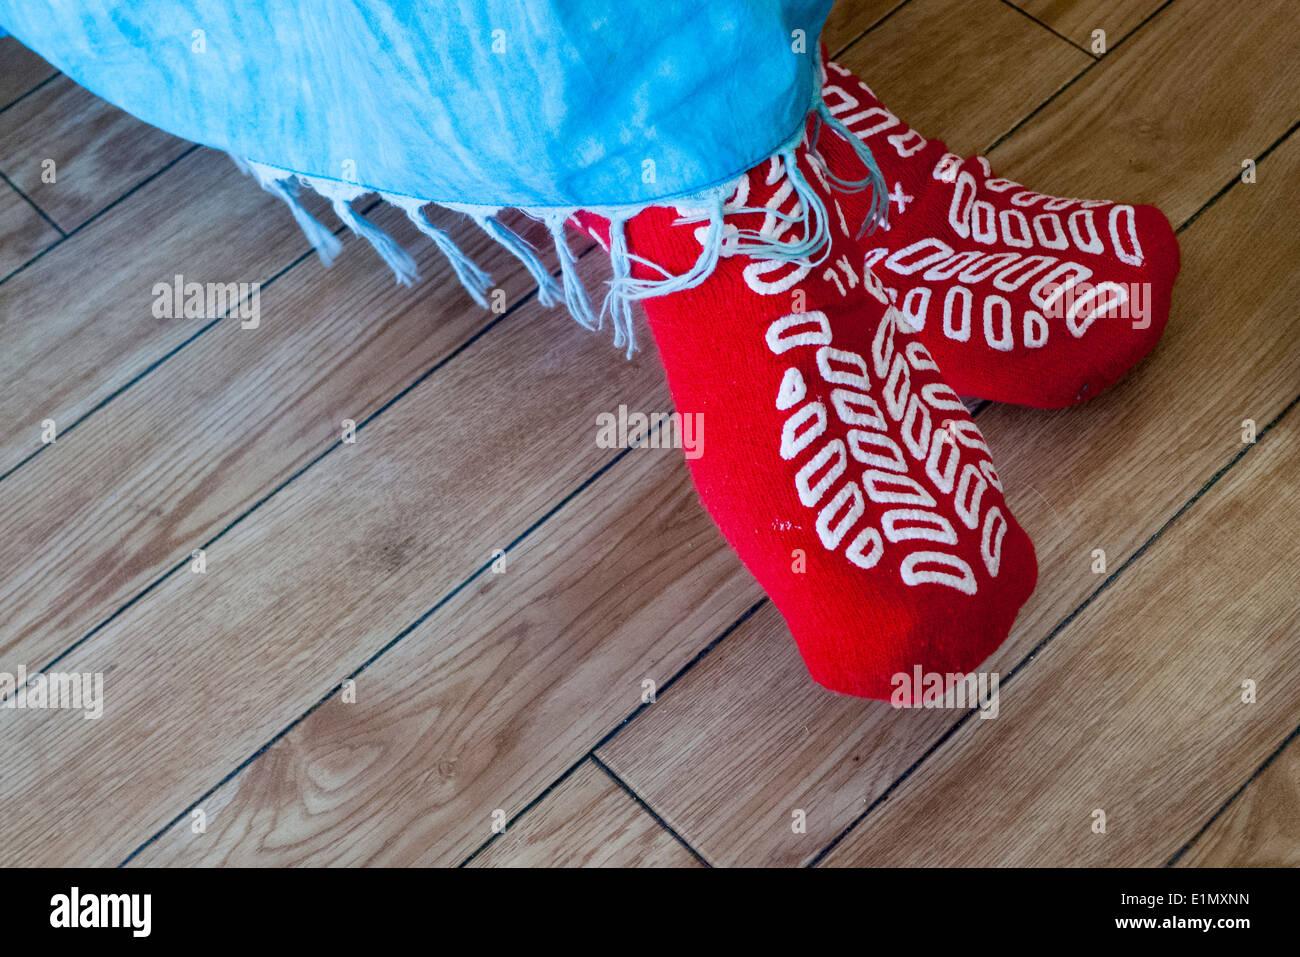 Anti Rutsch Rutsch Socken am Füße des Patienten. Stockbild